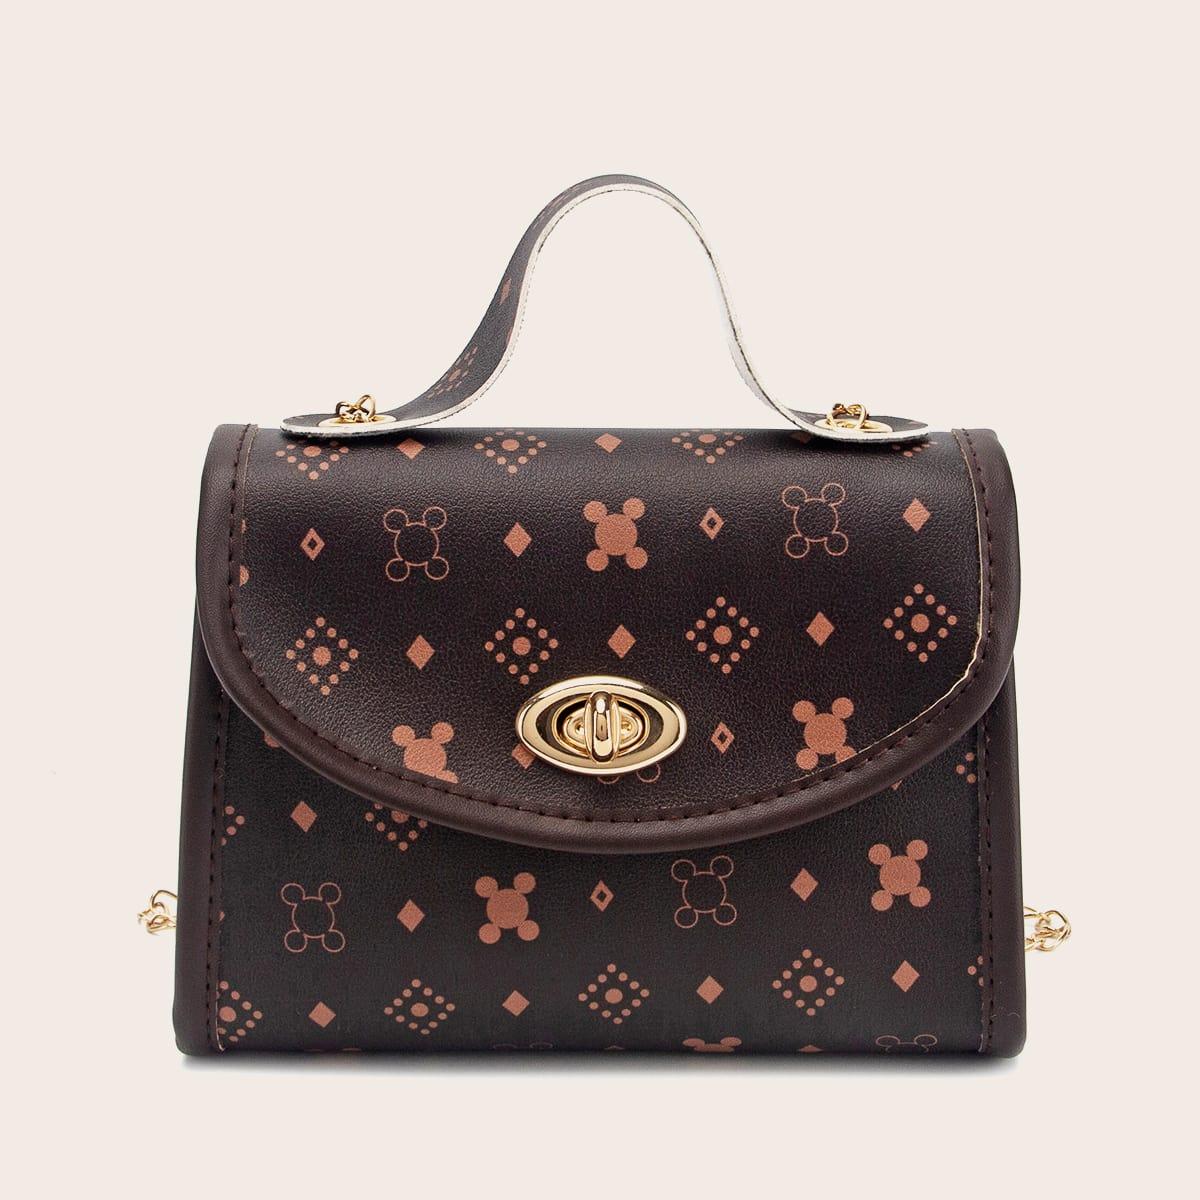 SHEIN / Graphic Pattern Satchel Bag